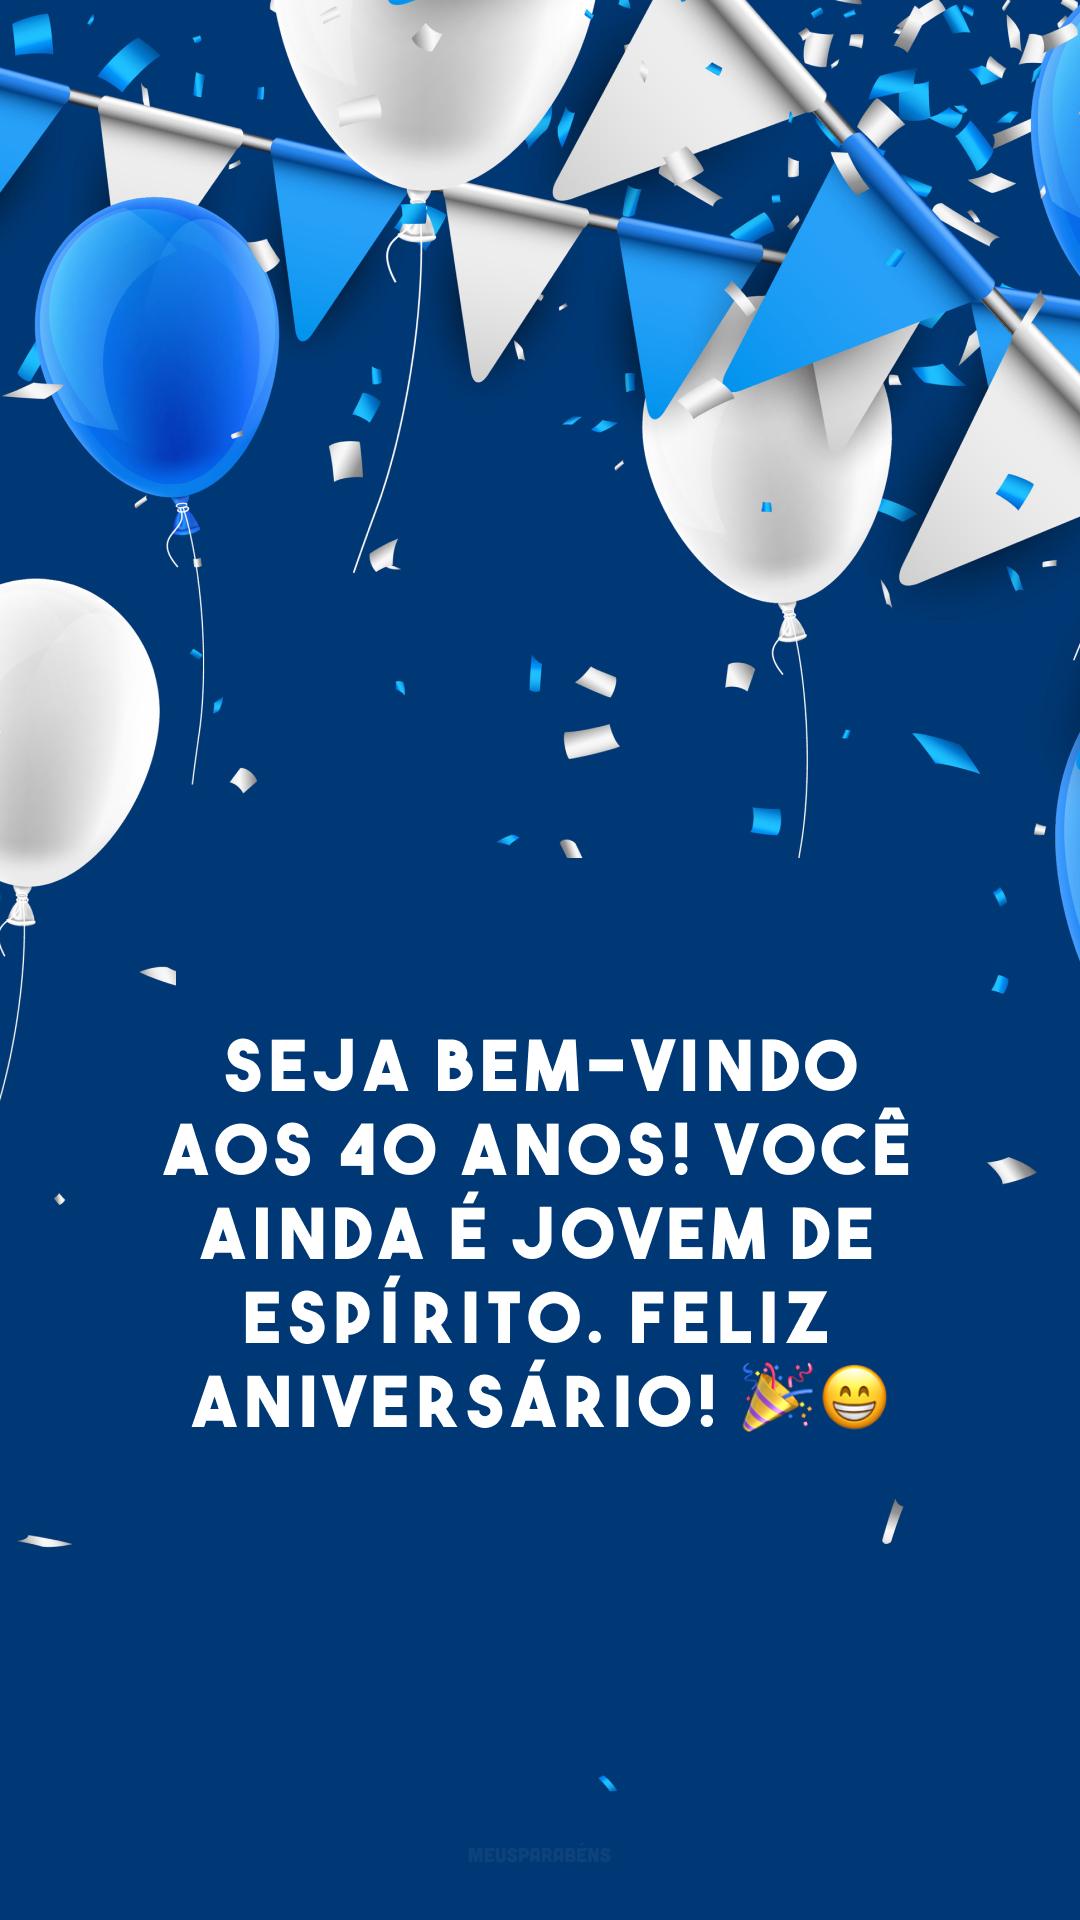 Seja bem-vindo aos 40 anos! Você ainda é jovem de espírito. Feliz aniversário! 🎉😁